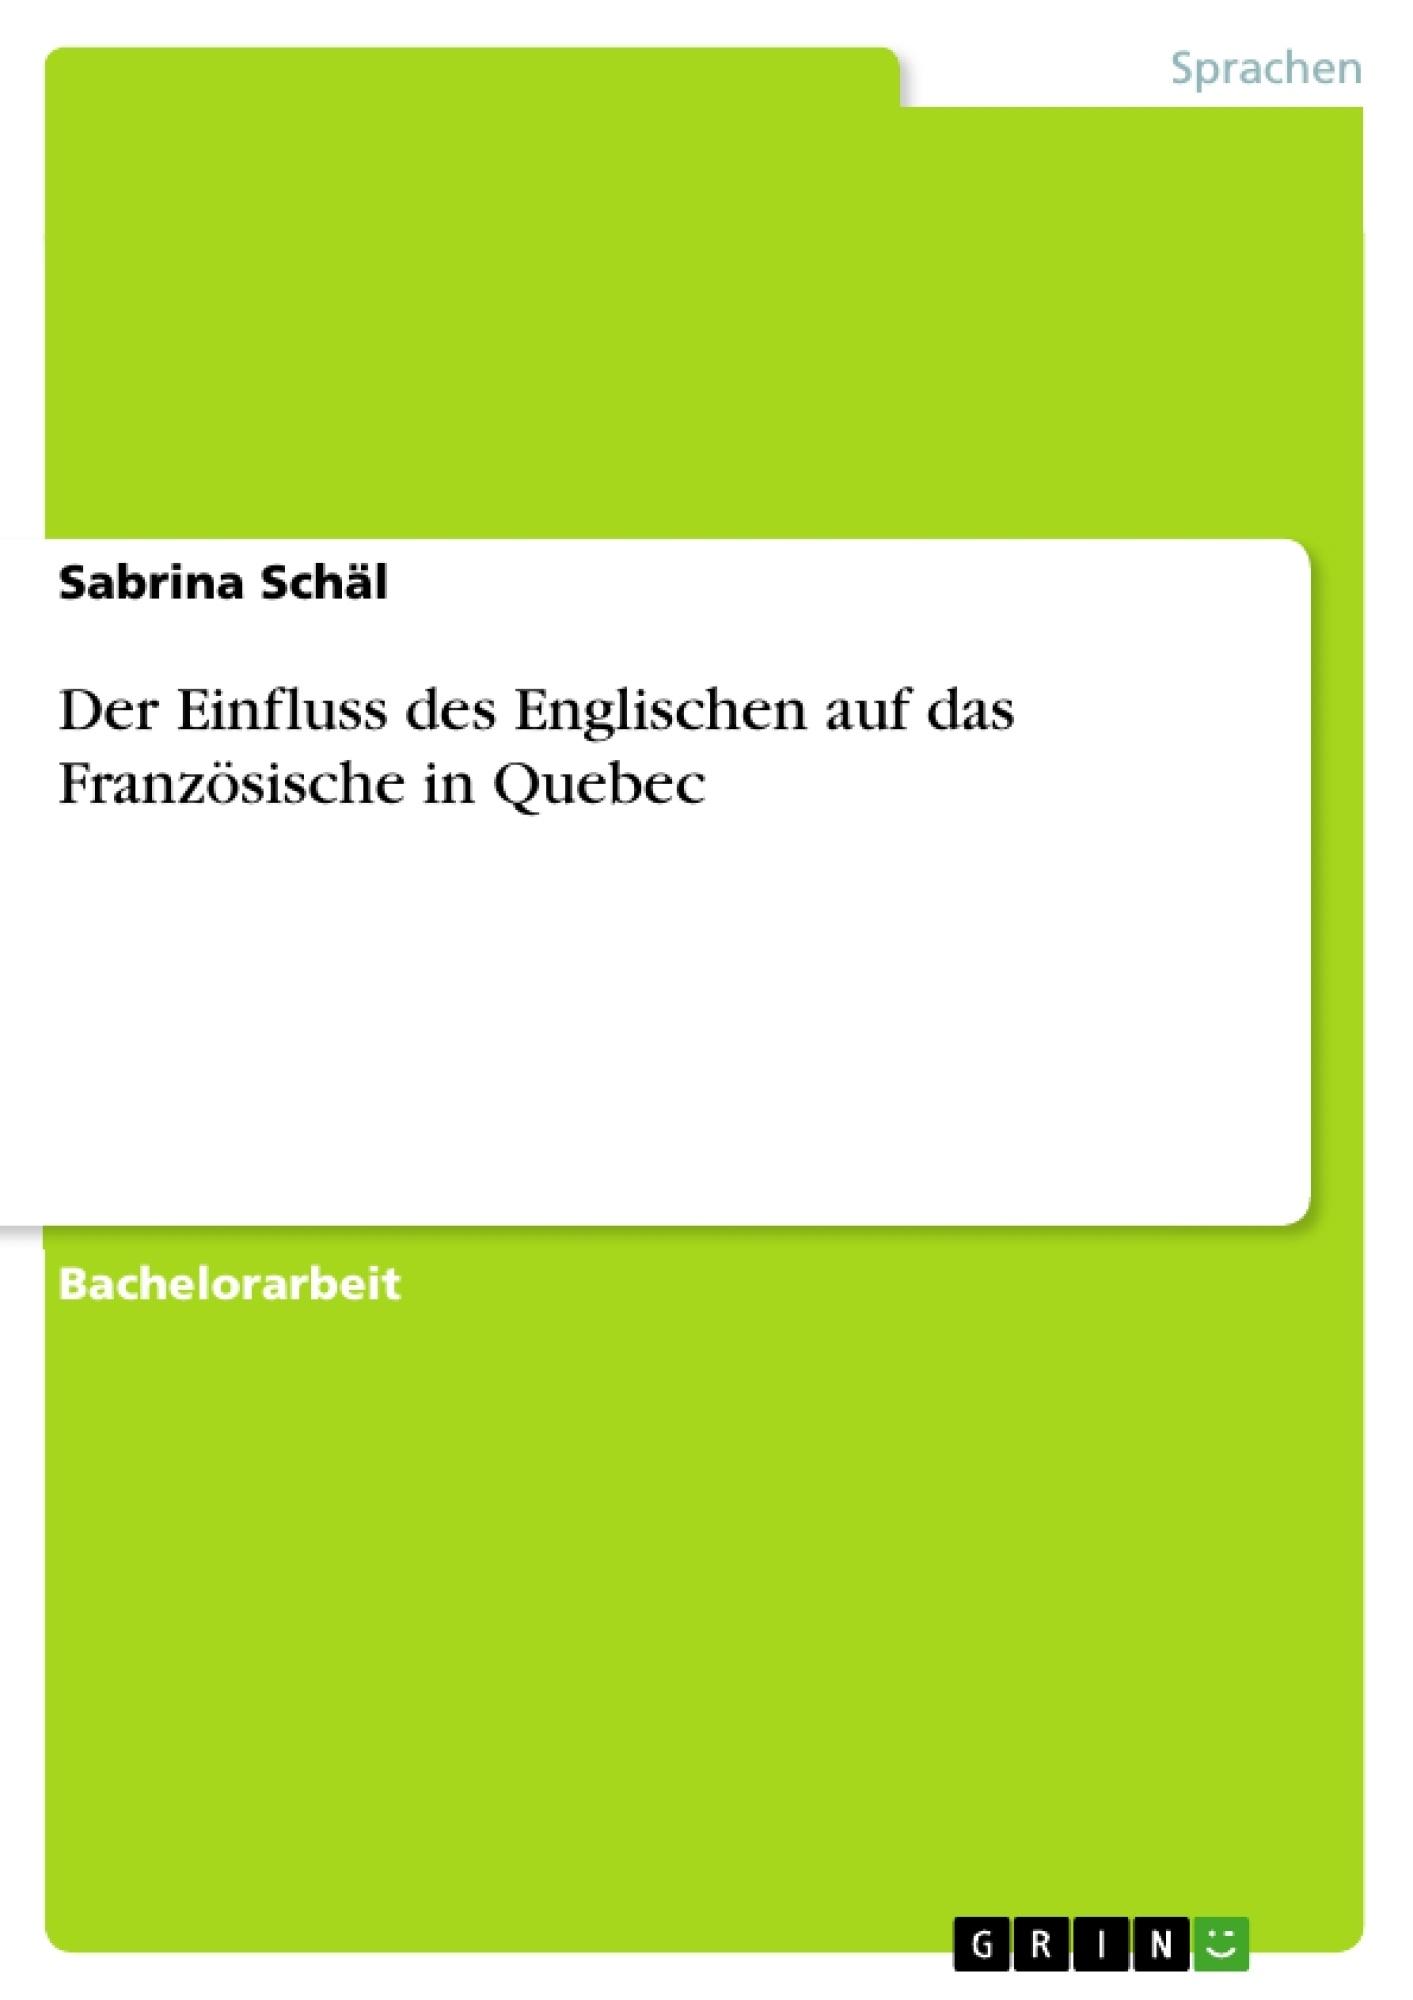 Titel: Der Einfluss des Englischen auf das Französische in Quebec